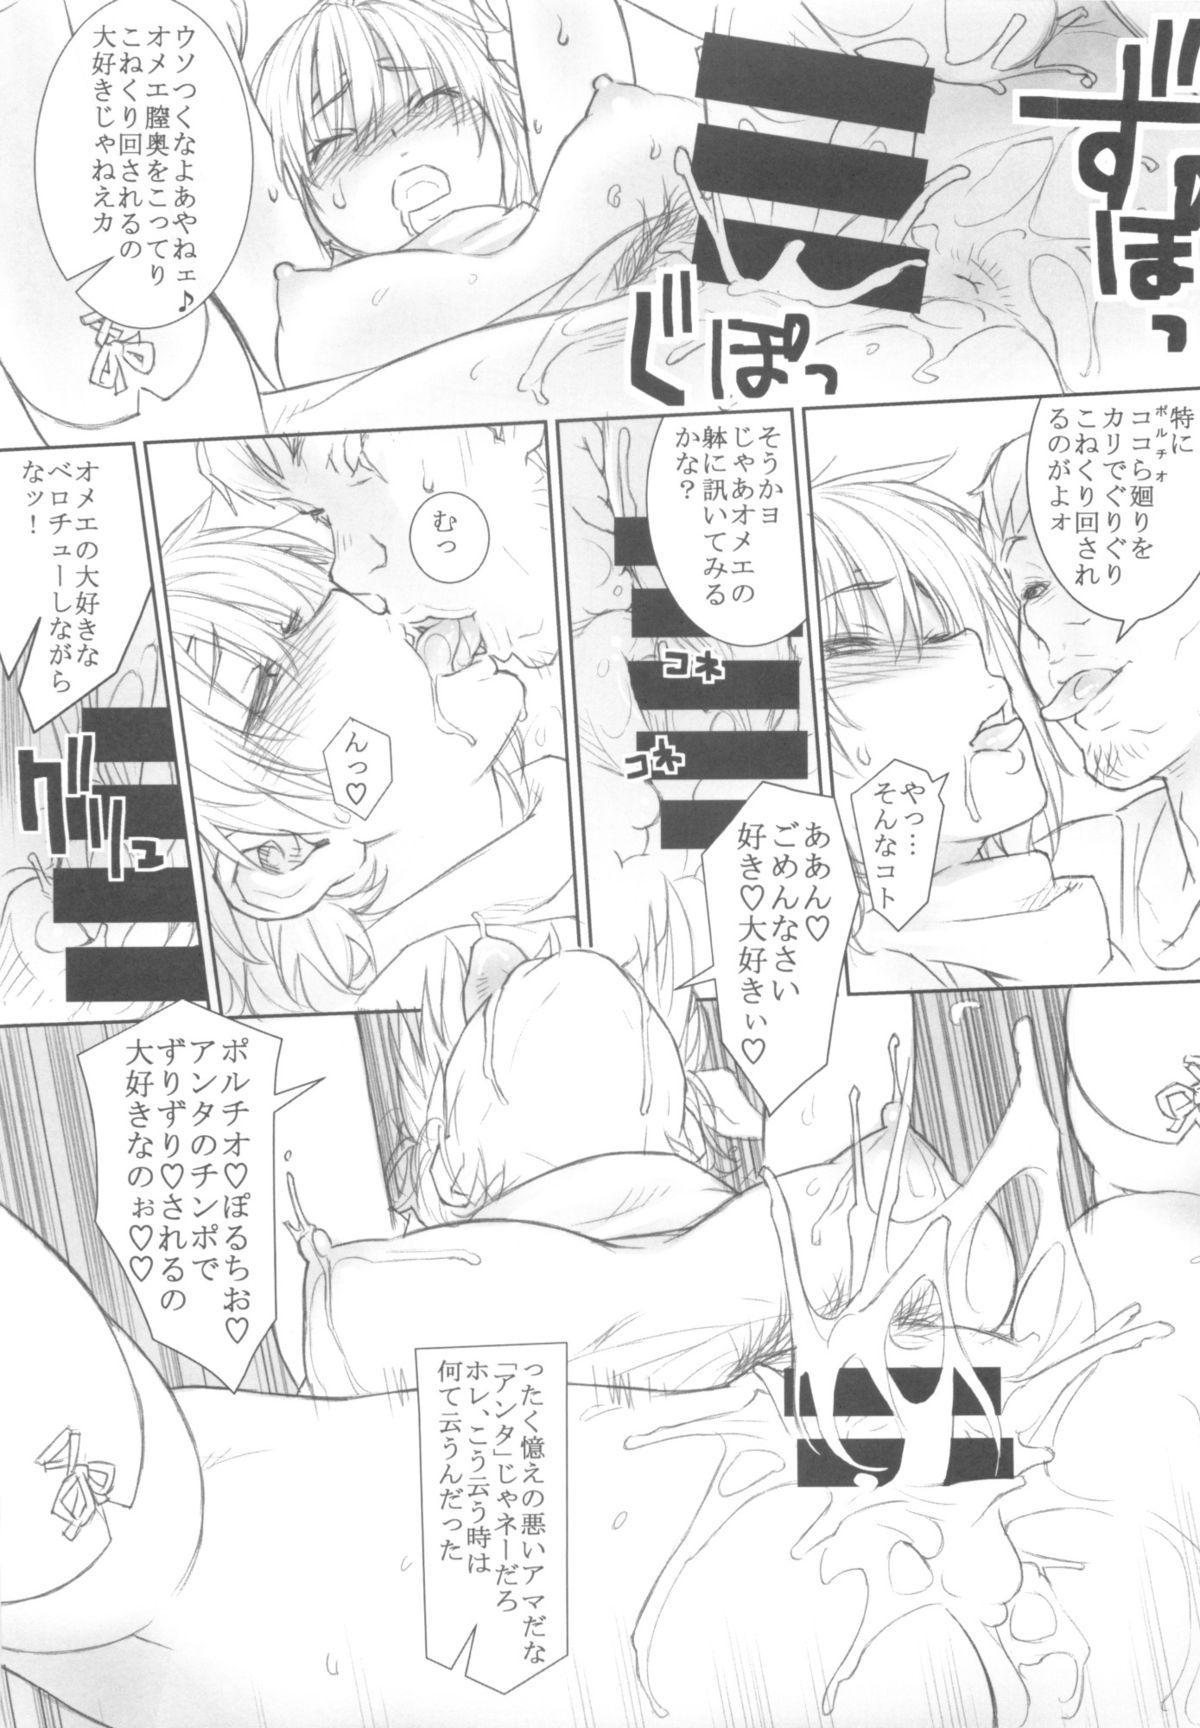 Ayane-chan to Nobetsu Makunashi 10